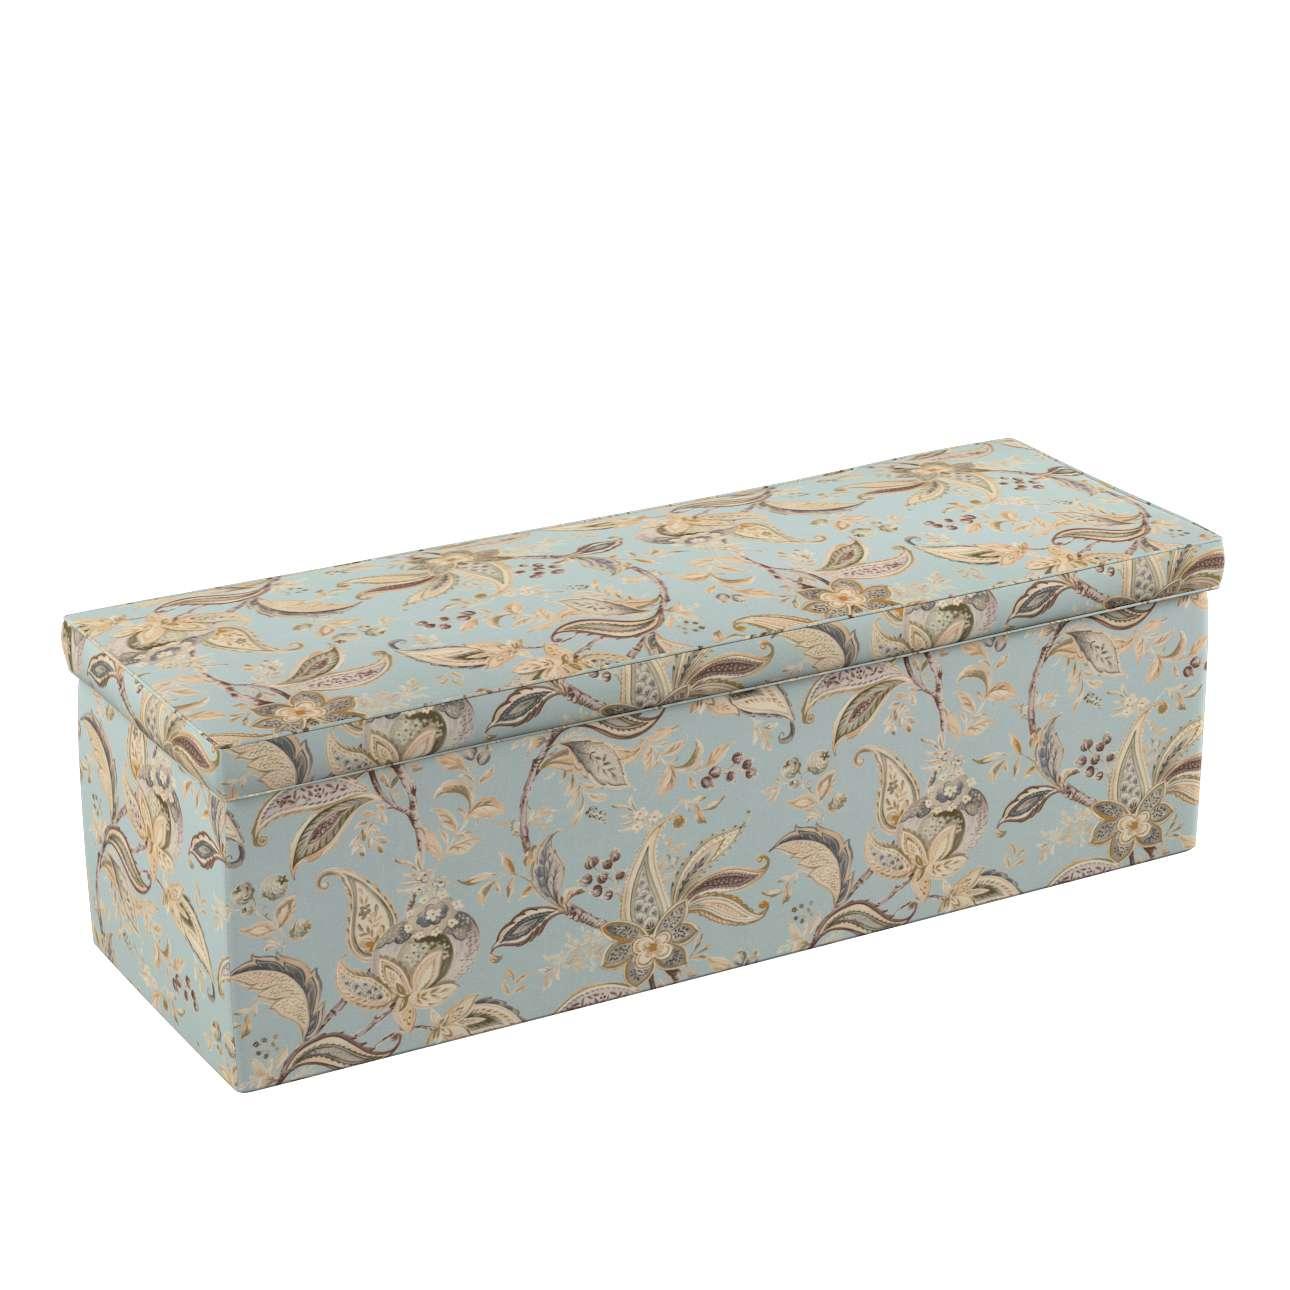 Dekoria Čalouněná skříň s volbou látky - 2 velikosti, rostlinné vzory na šedém podkladu, 90 × 40 × 40 cm, Gardenia, 142-18